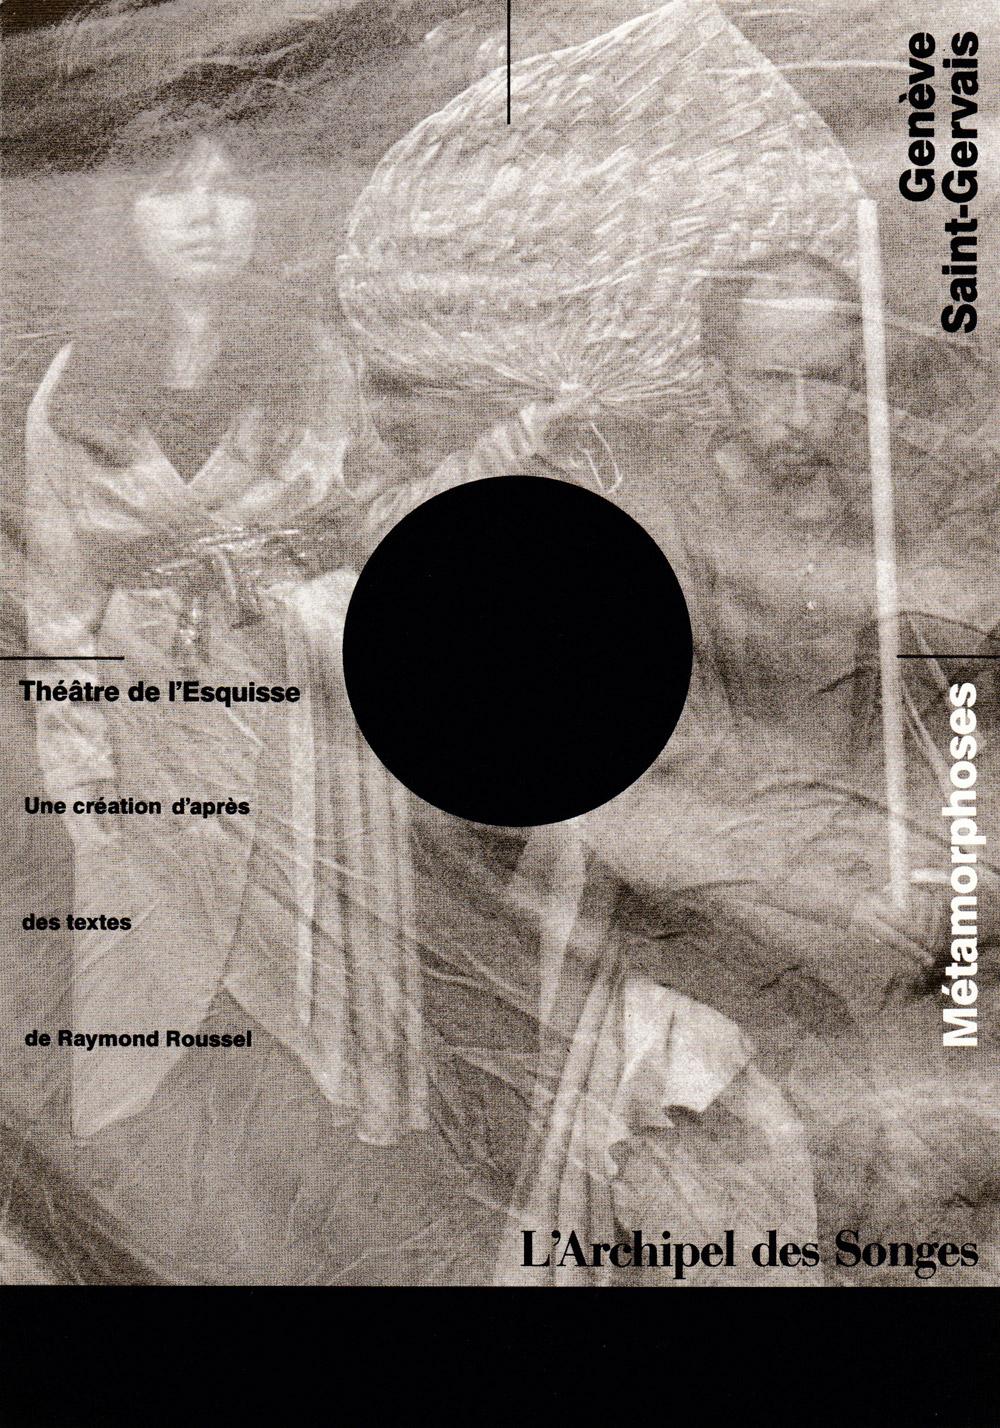 Archipel, Flyer, Théâtre del'Esquisse, Genève